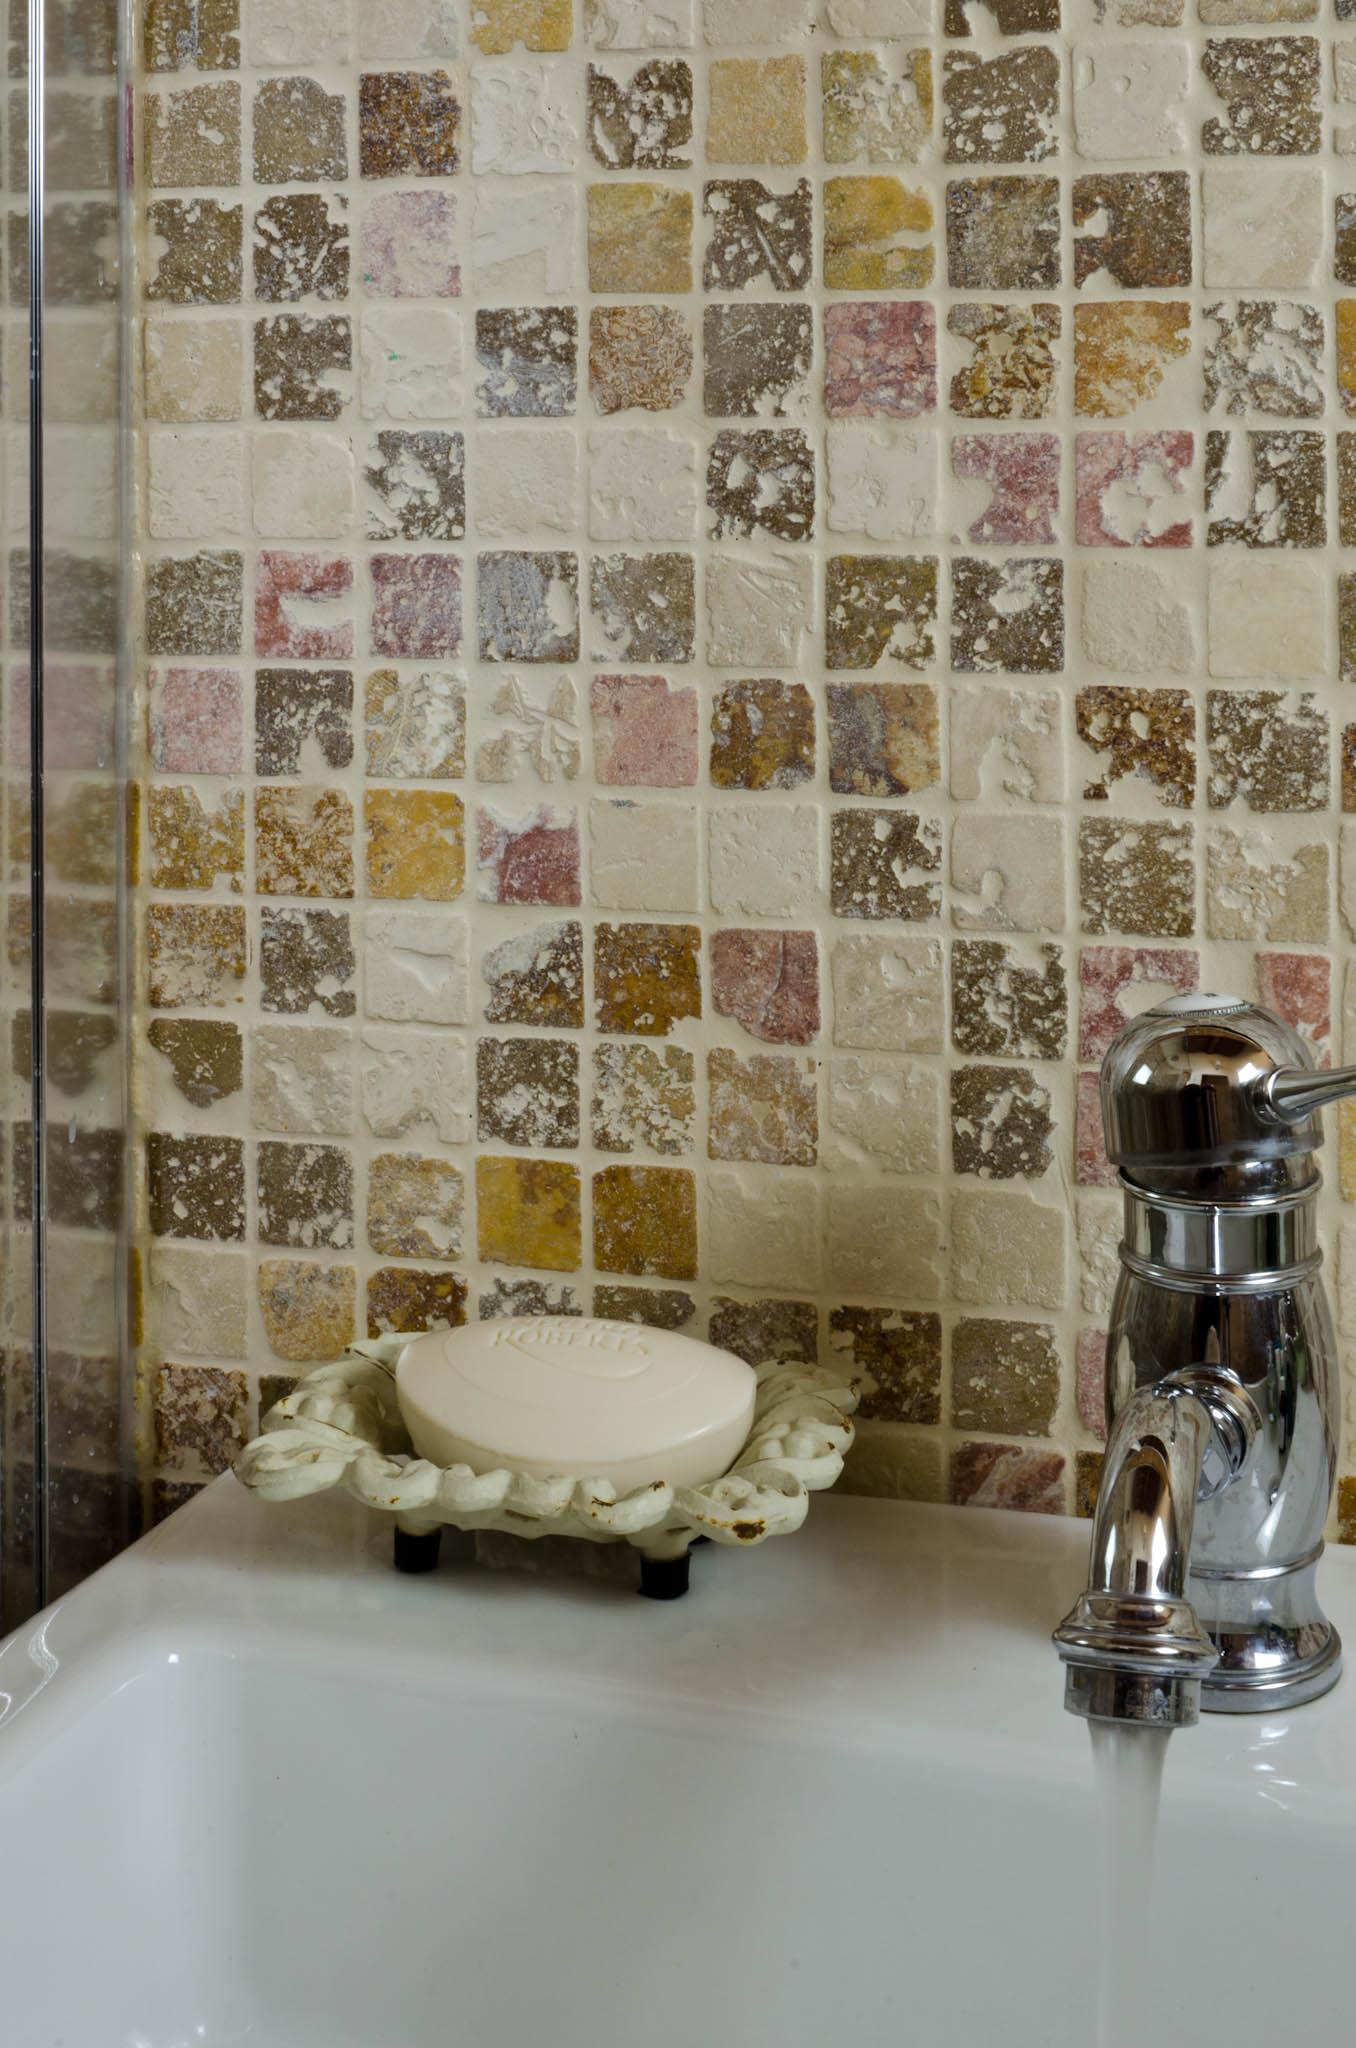 Rivestimenti a mosaico per il bagno mosaici bagno by - Rivestimenti bagno mosaico ...